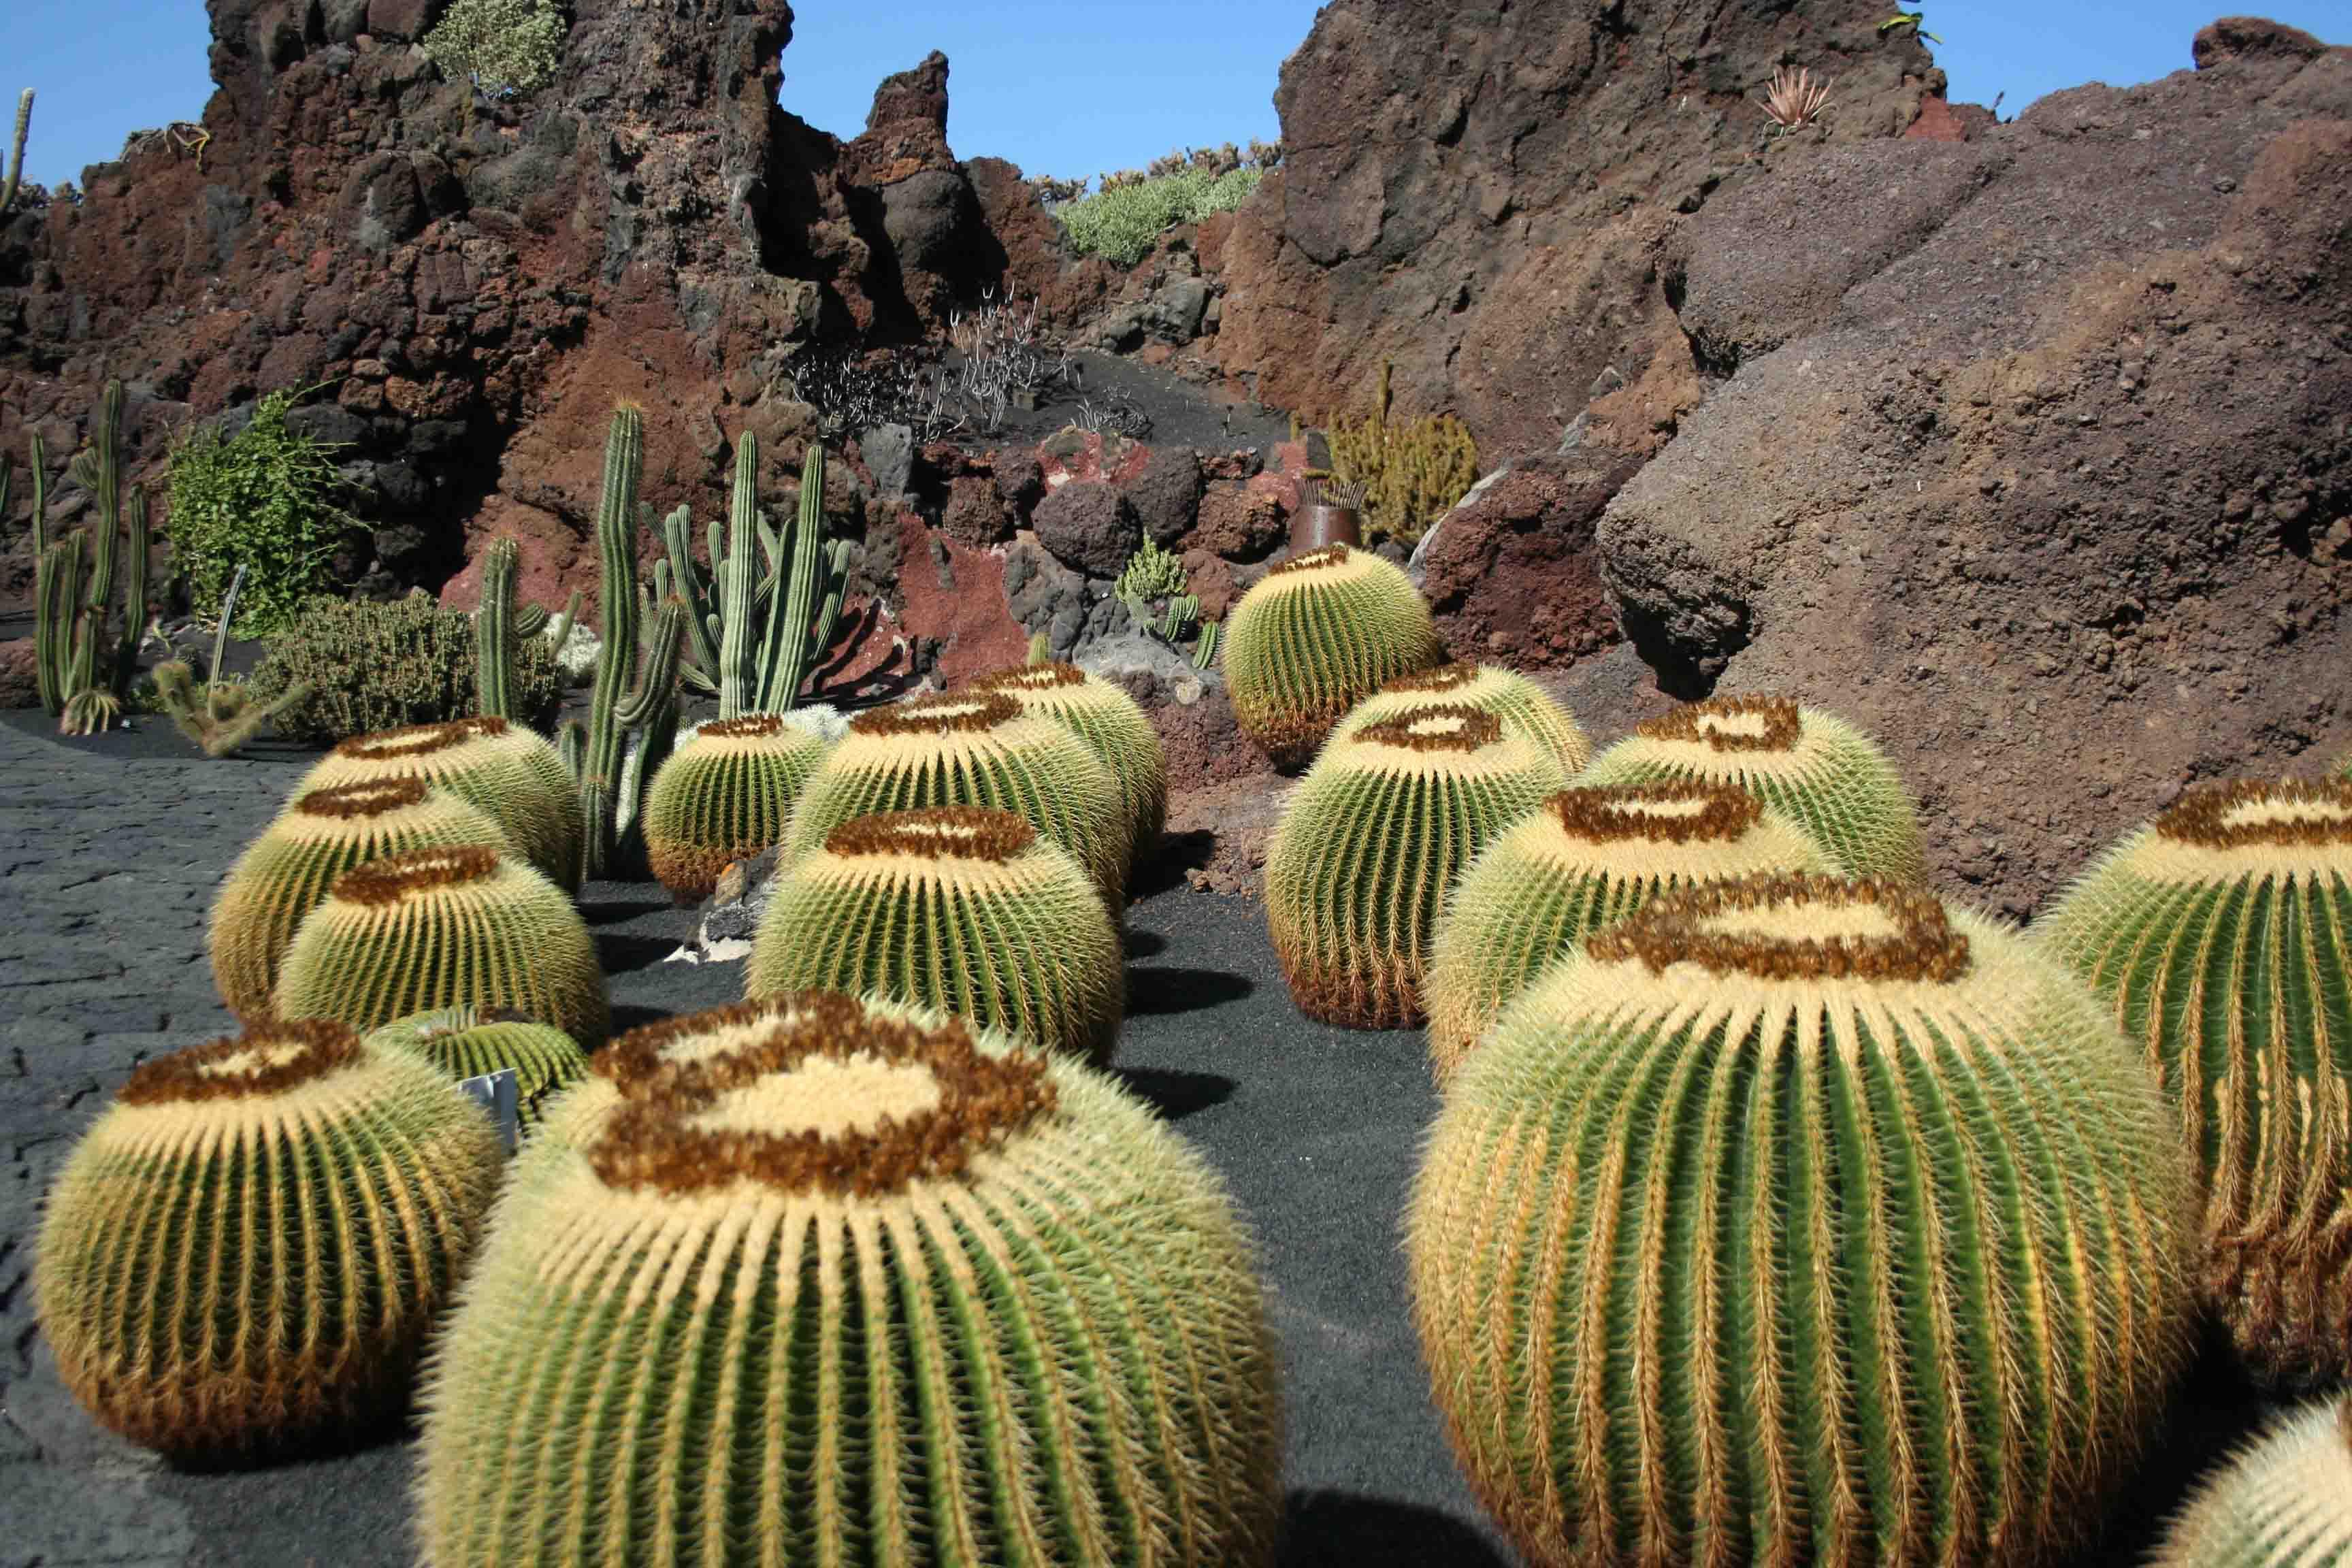 Dise o de jardines con cactus - Jardines con cactus y piedras ...